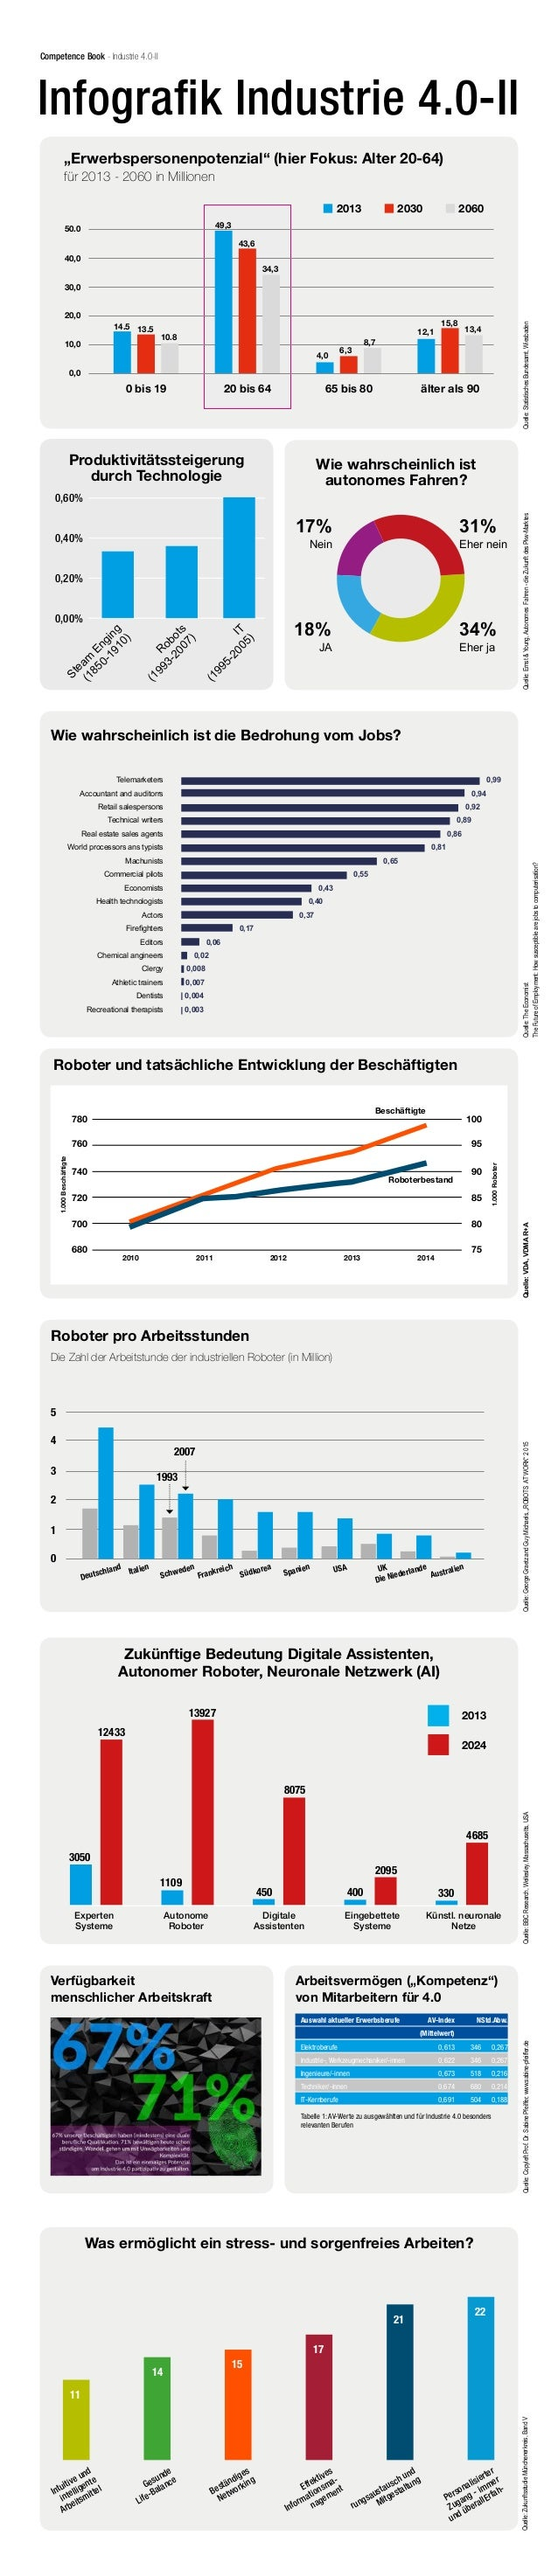 Competence Book - Industrie 4.0-II Infografik Industrie 4.0-II 0,60% 0,00% 0,20% 0,40% Produktivitätssteigerung durch Tech...